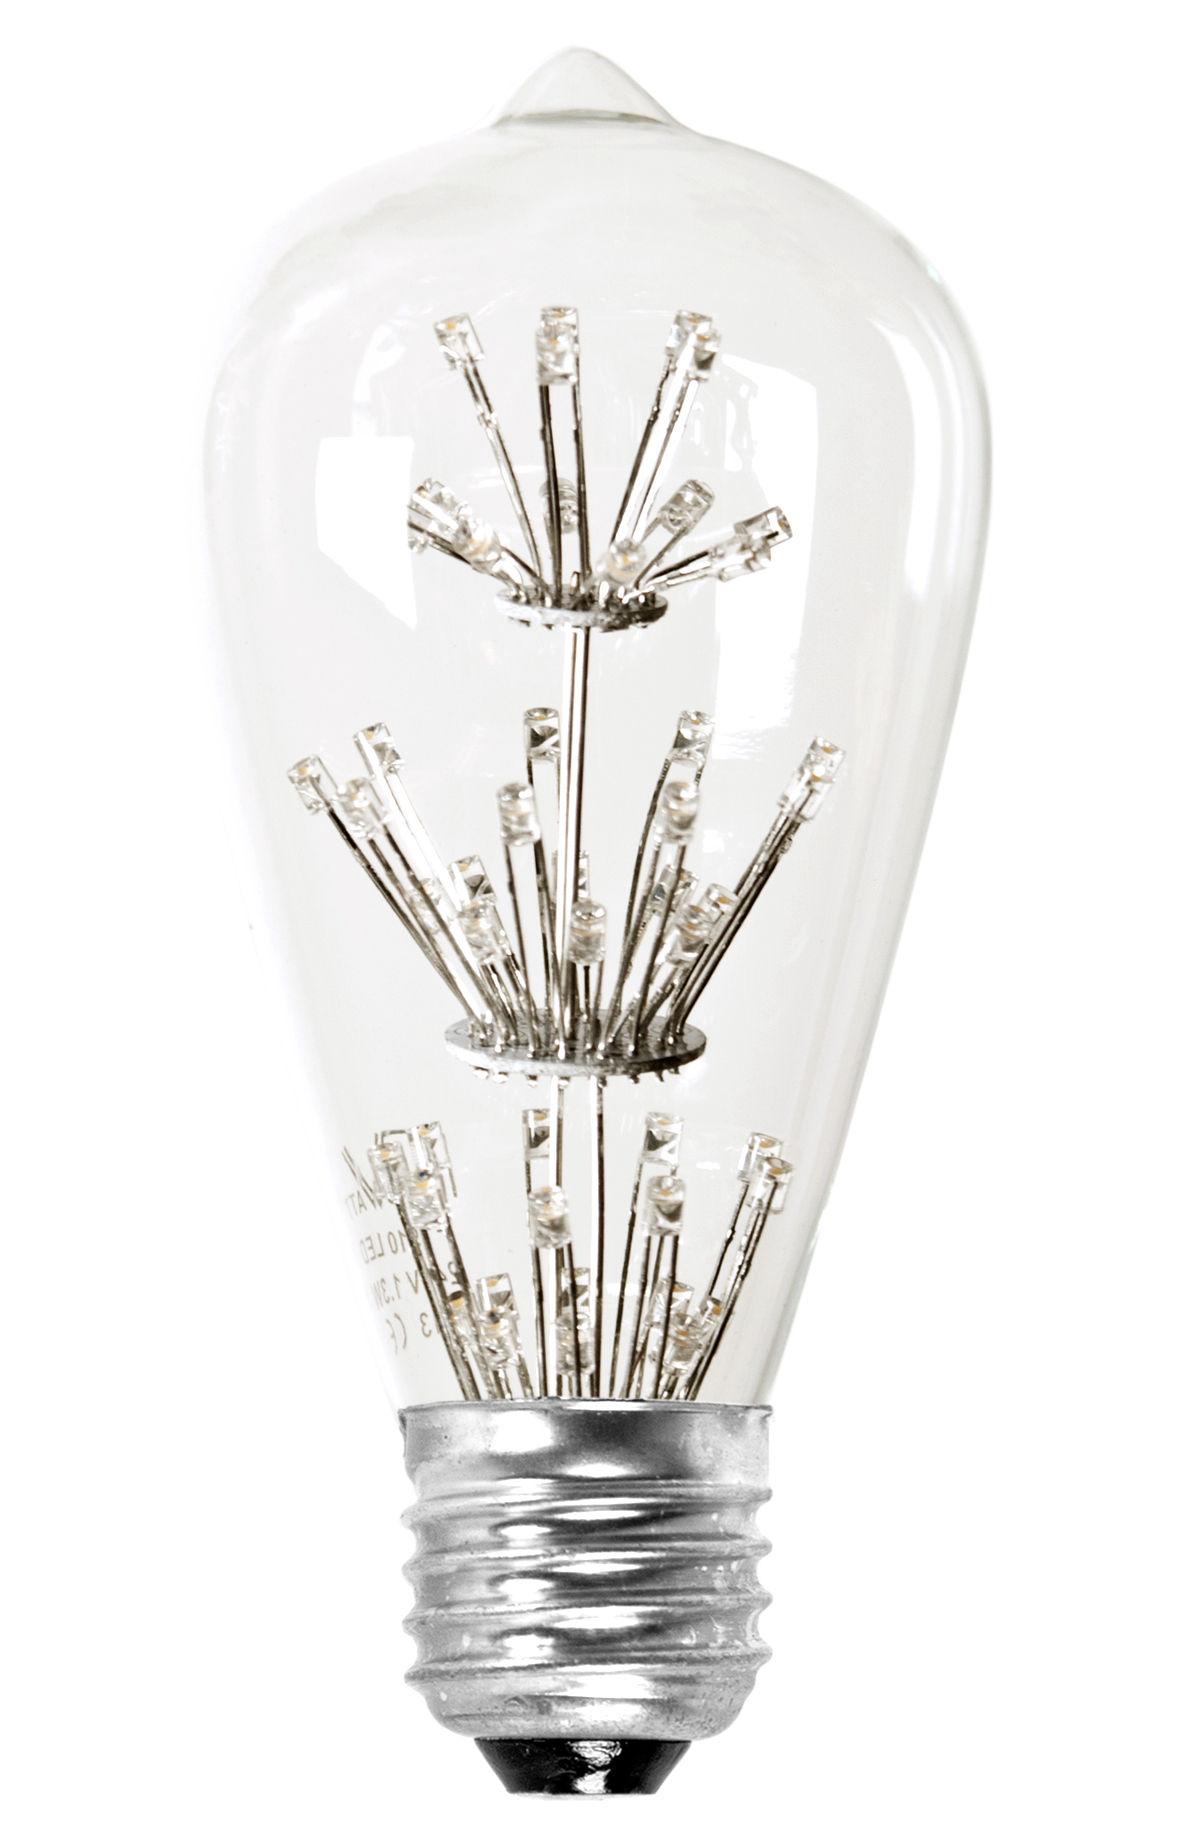 St-Valentin - Pour Lui - Ampoule LED filaments E27 / 1,3W (15W) - 100 lumen - Pop Corn - Transparent - Métal, Verre